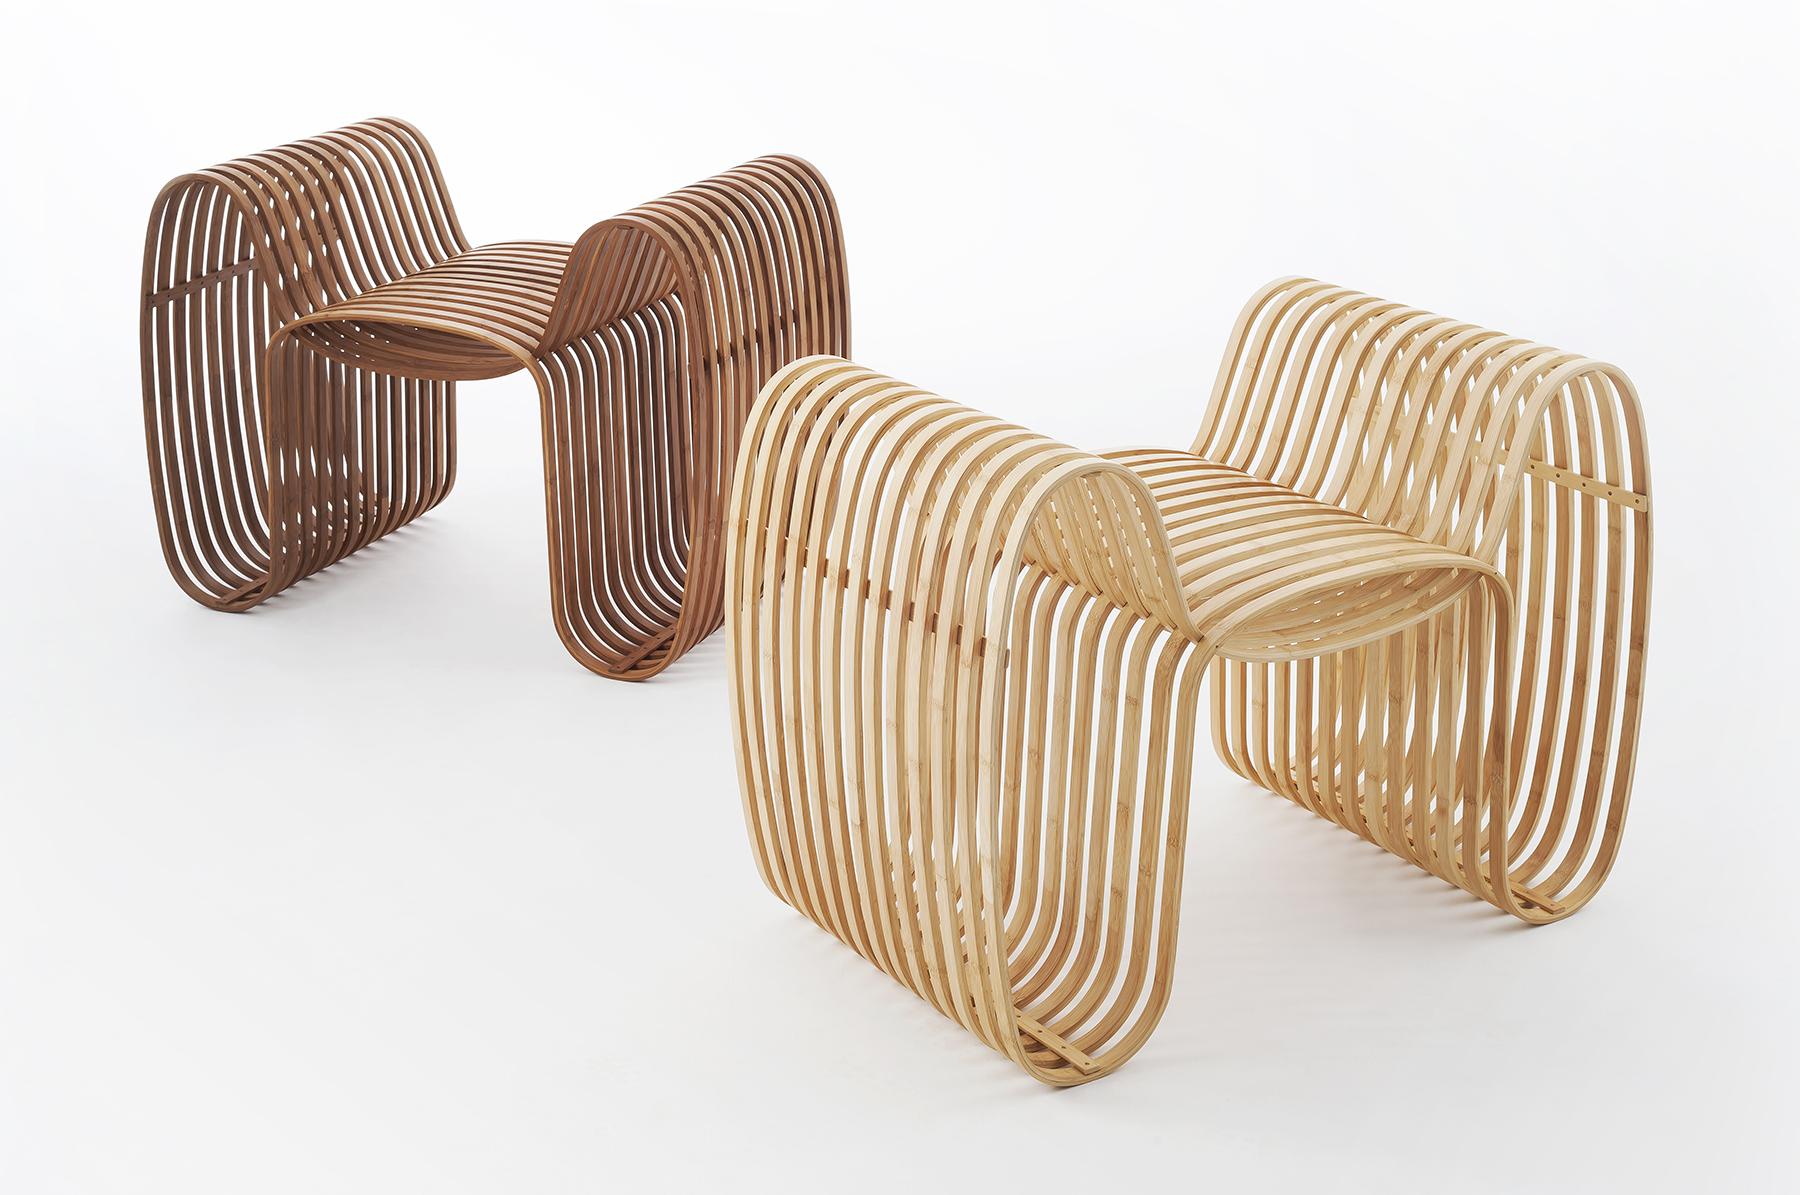 領結椅(Bow Tie Chair):將竹片大弧度烤彎,運用交錯手法建構出座椅空間。